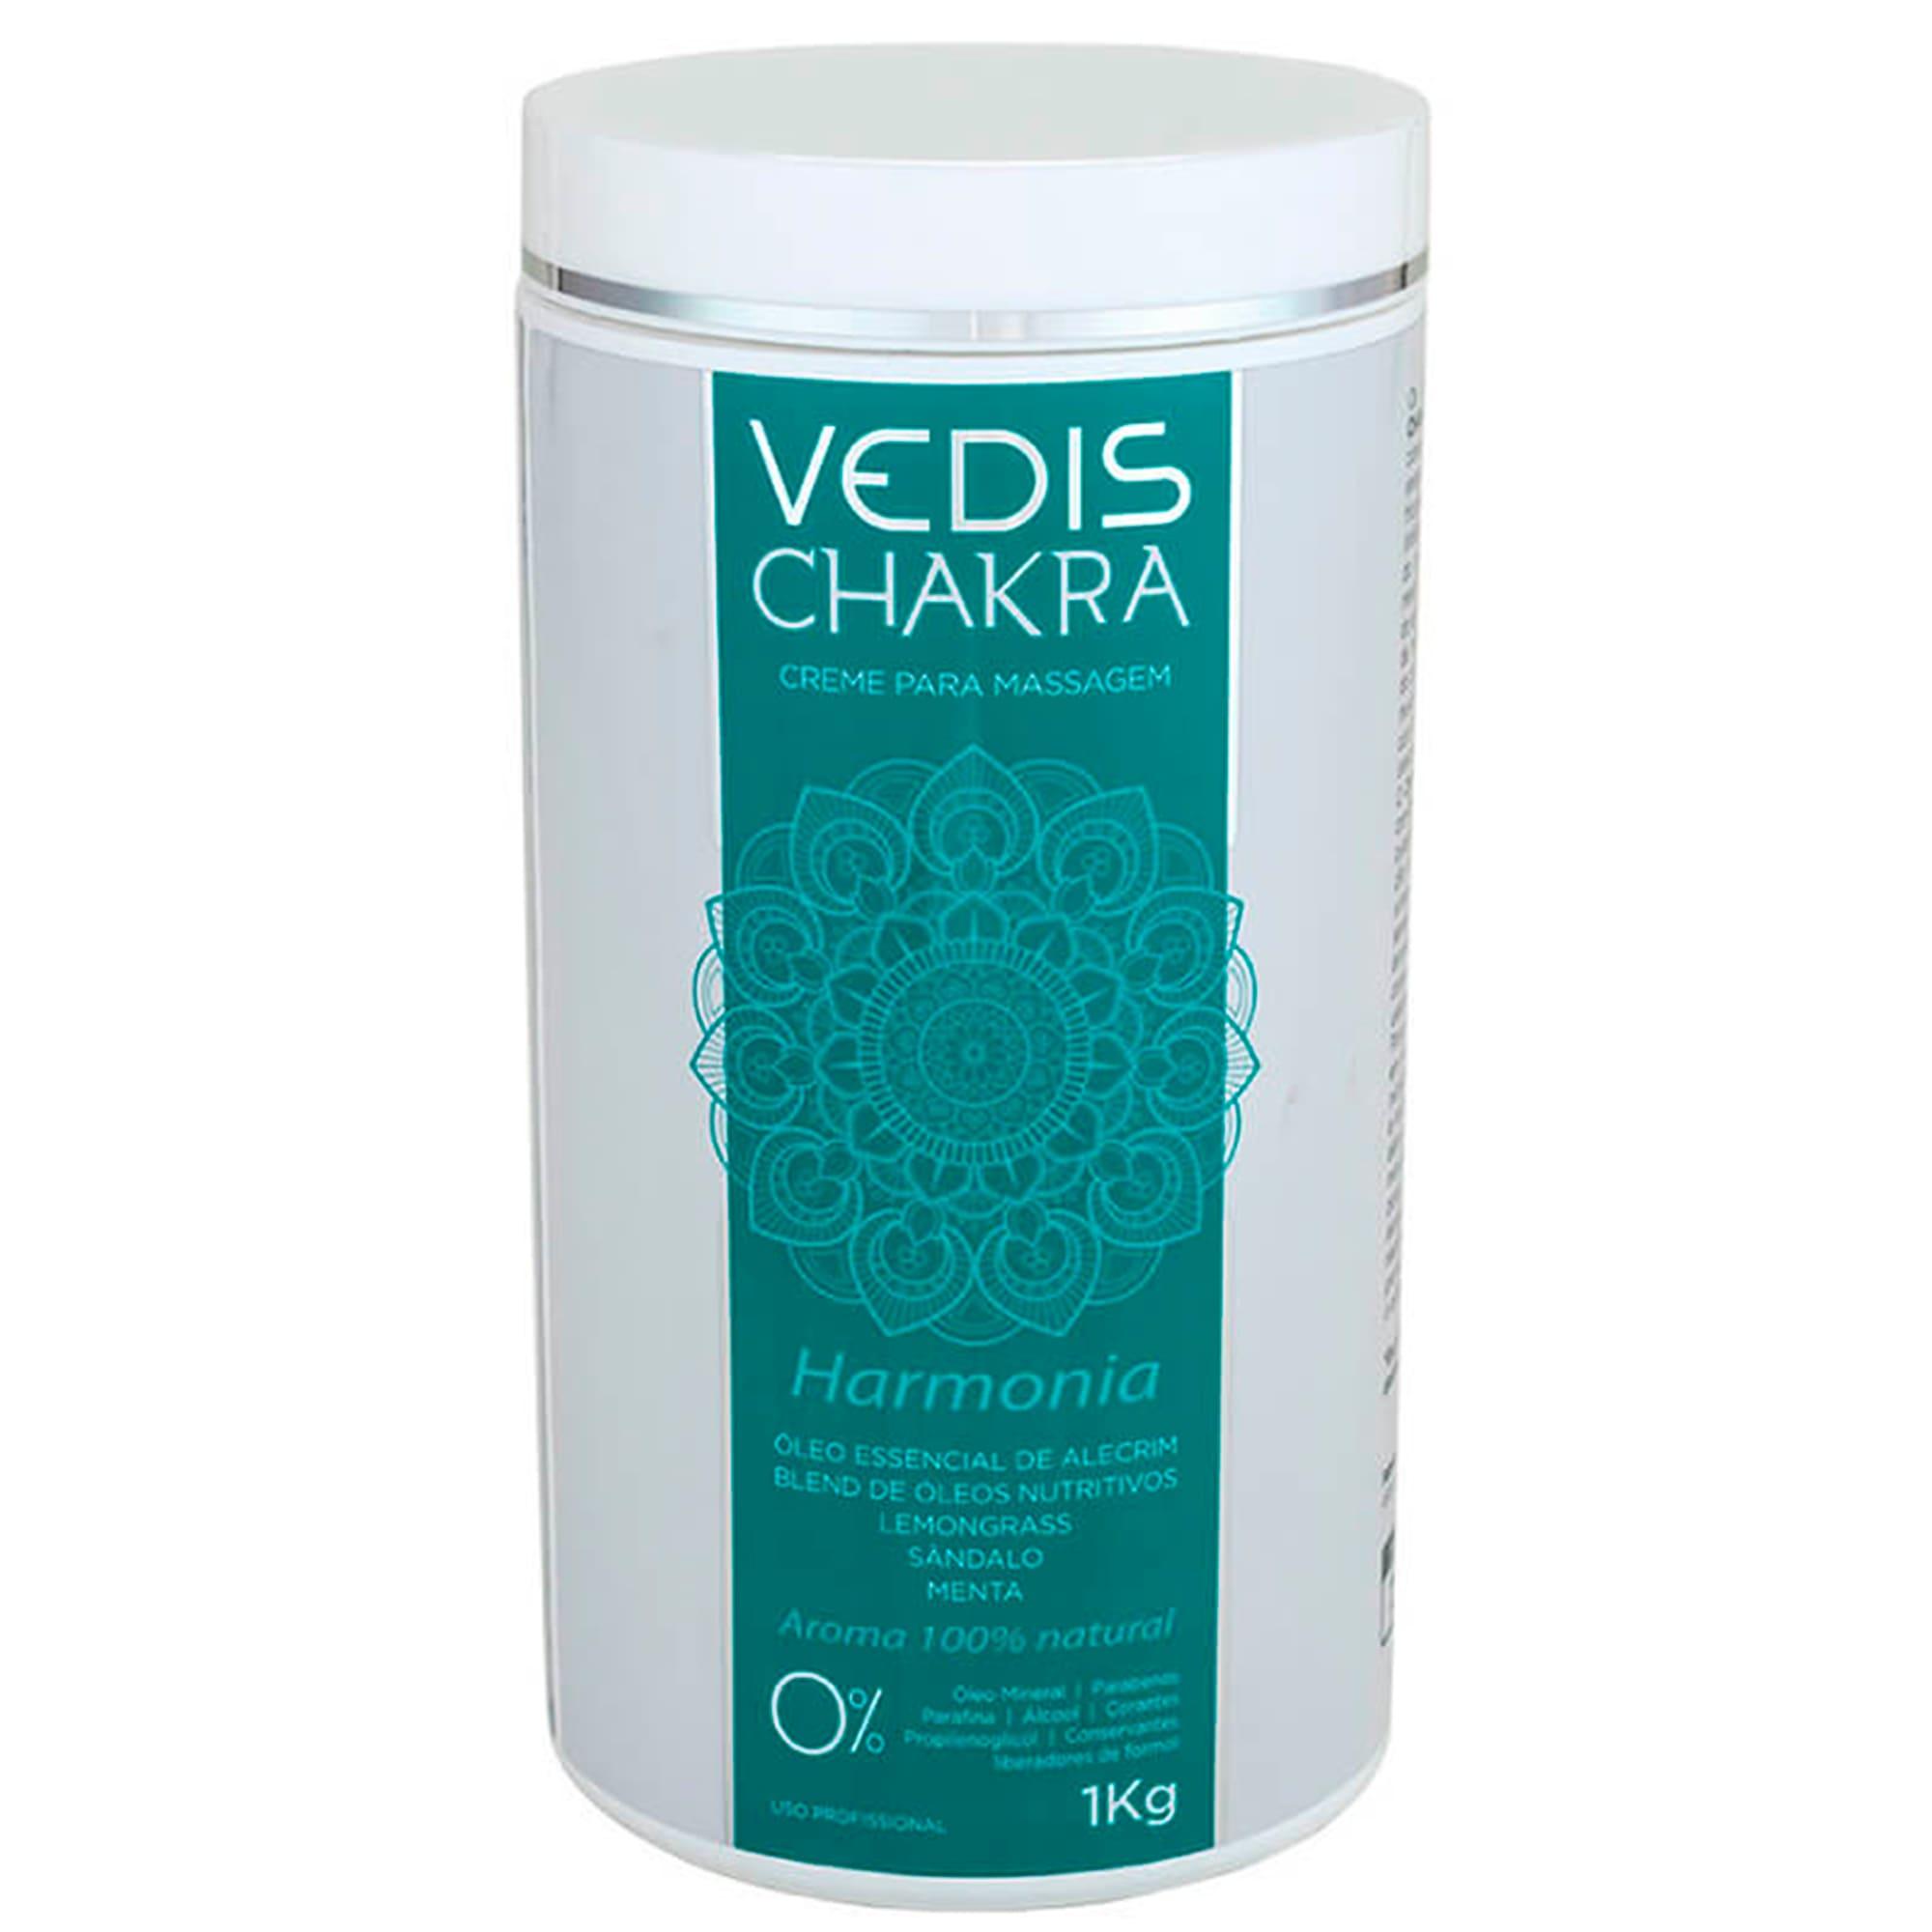 Creme Para Massagem Chakra (Harmonia) 1kg - Vedis